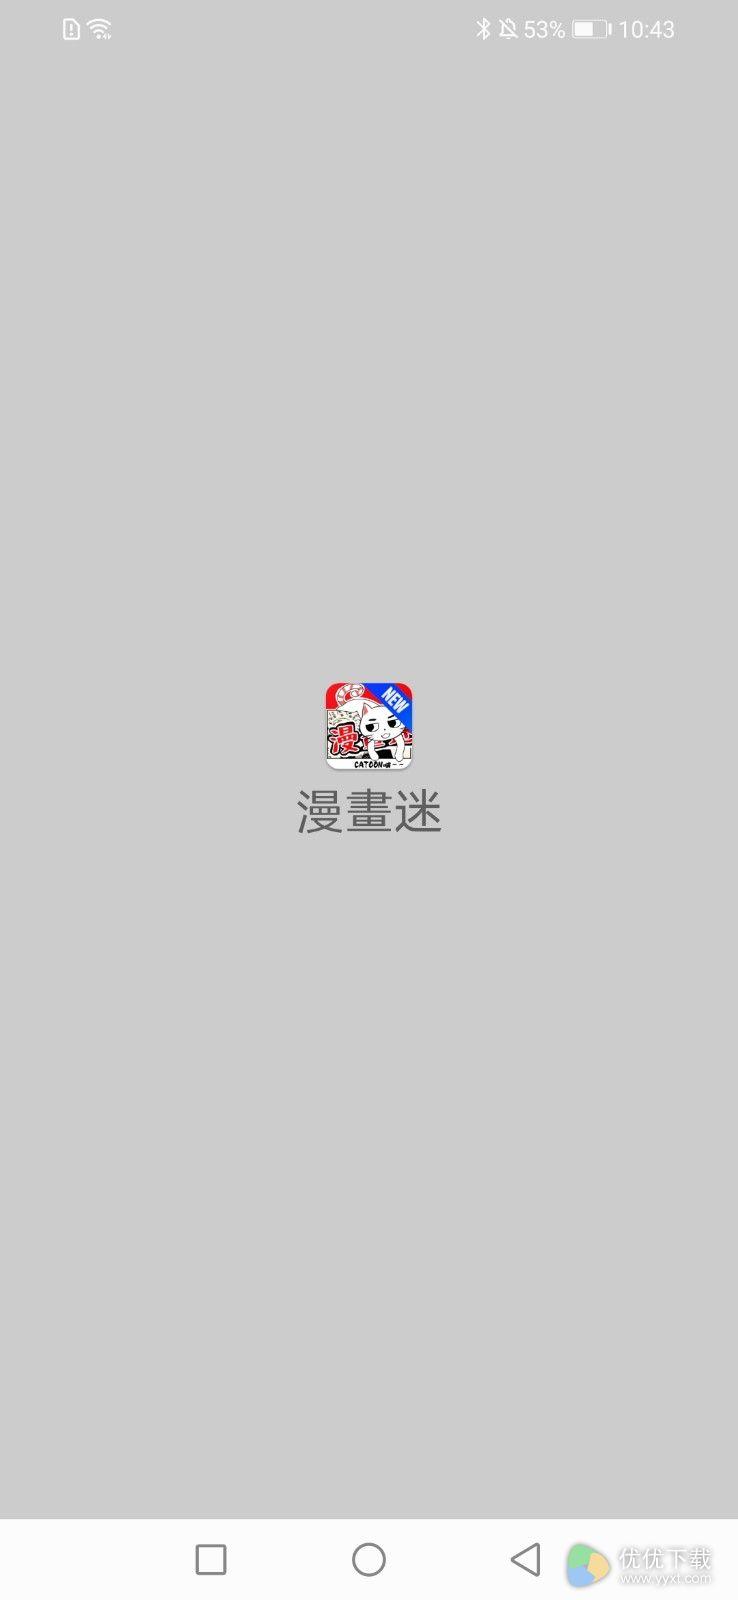 漫画迷安卓版 V6.2.0